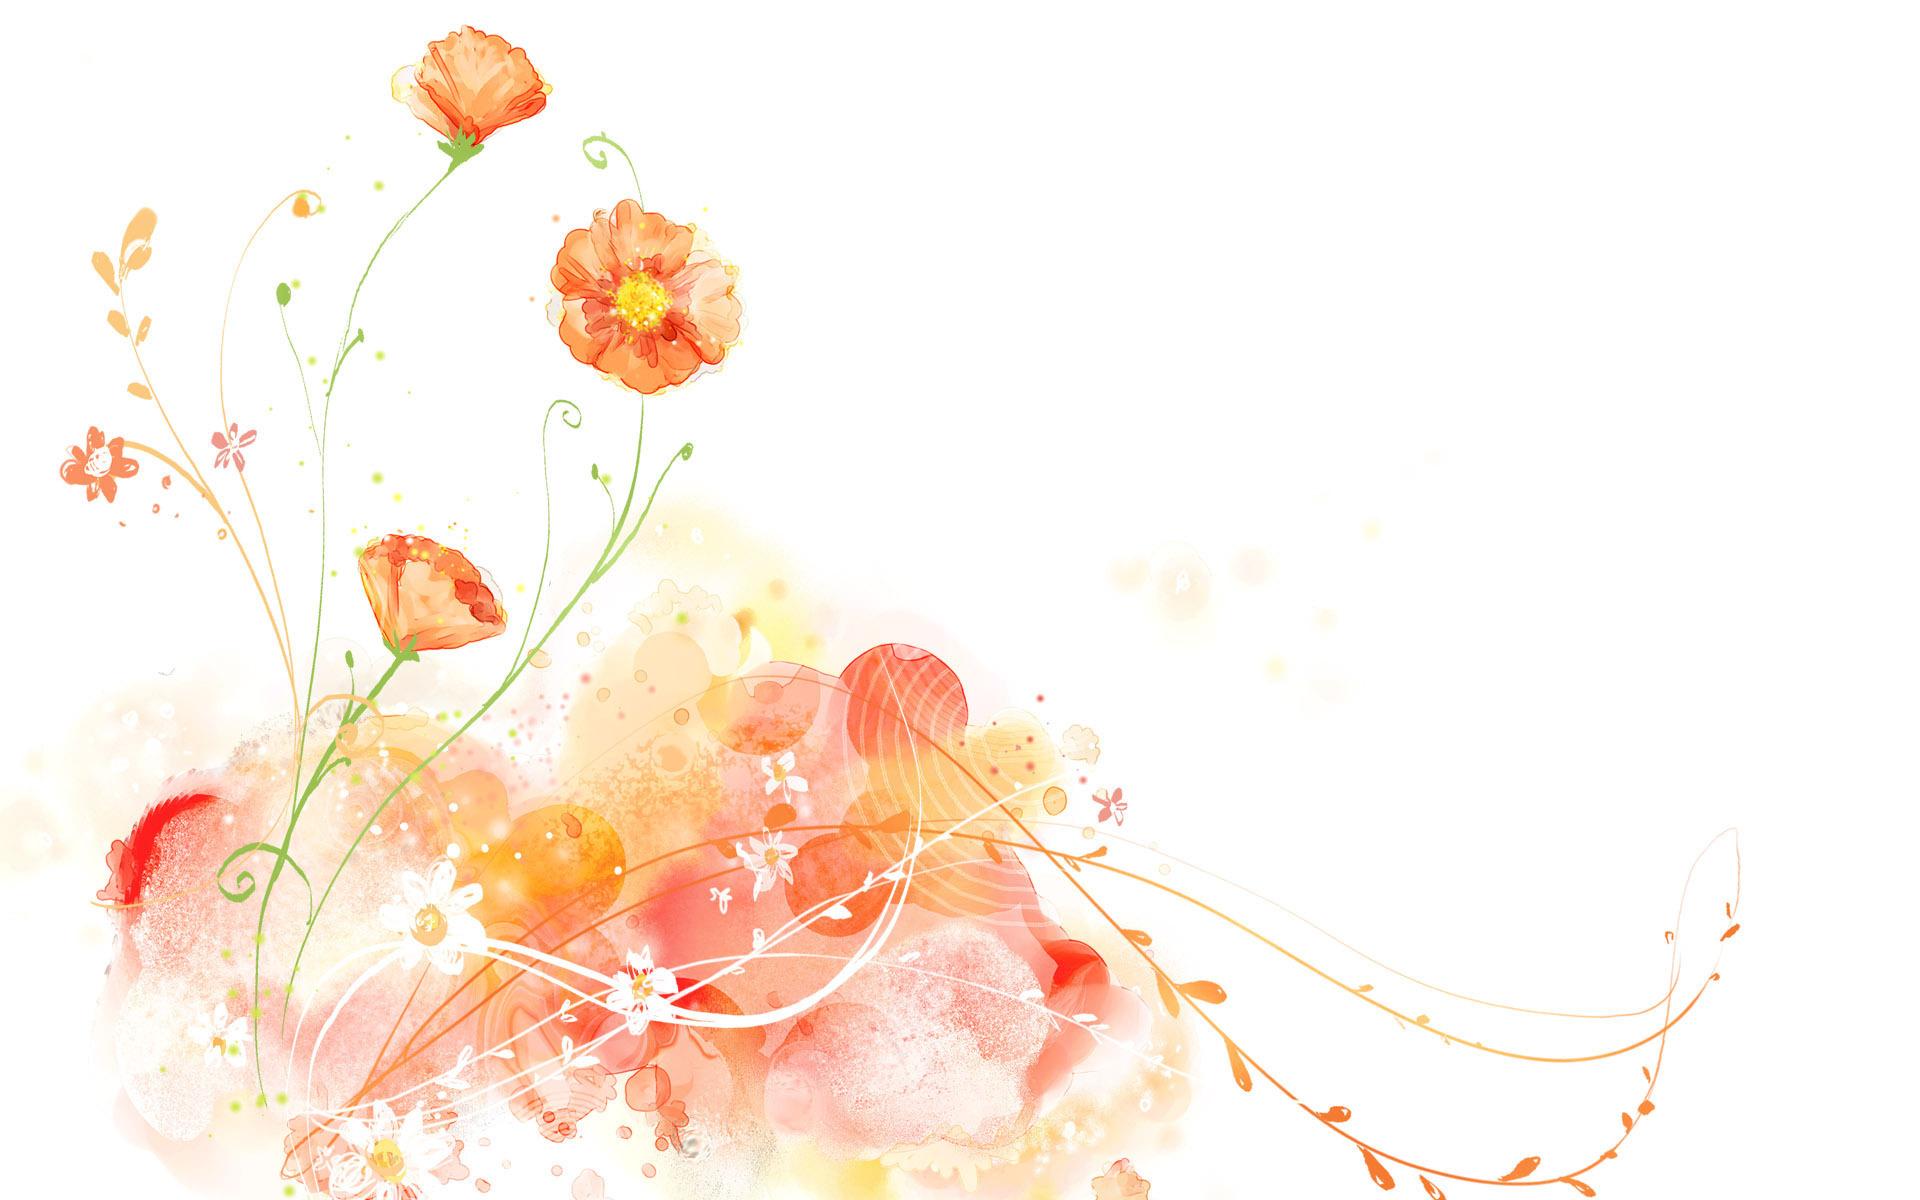 Красивый фон поздравительной открытки, поздравление днем